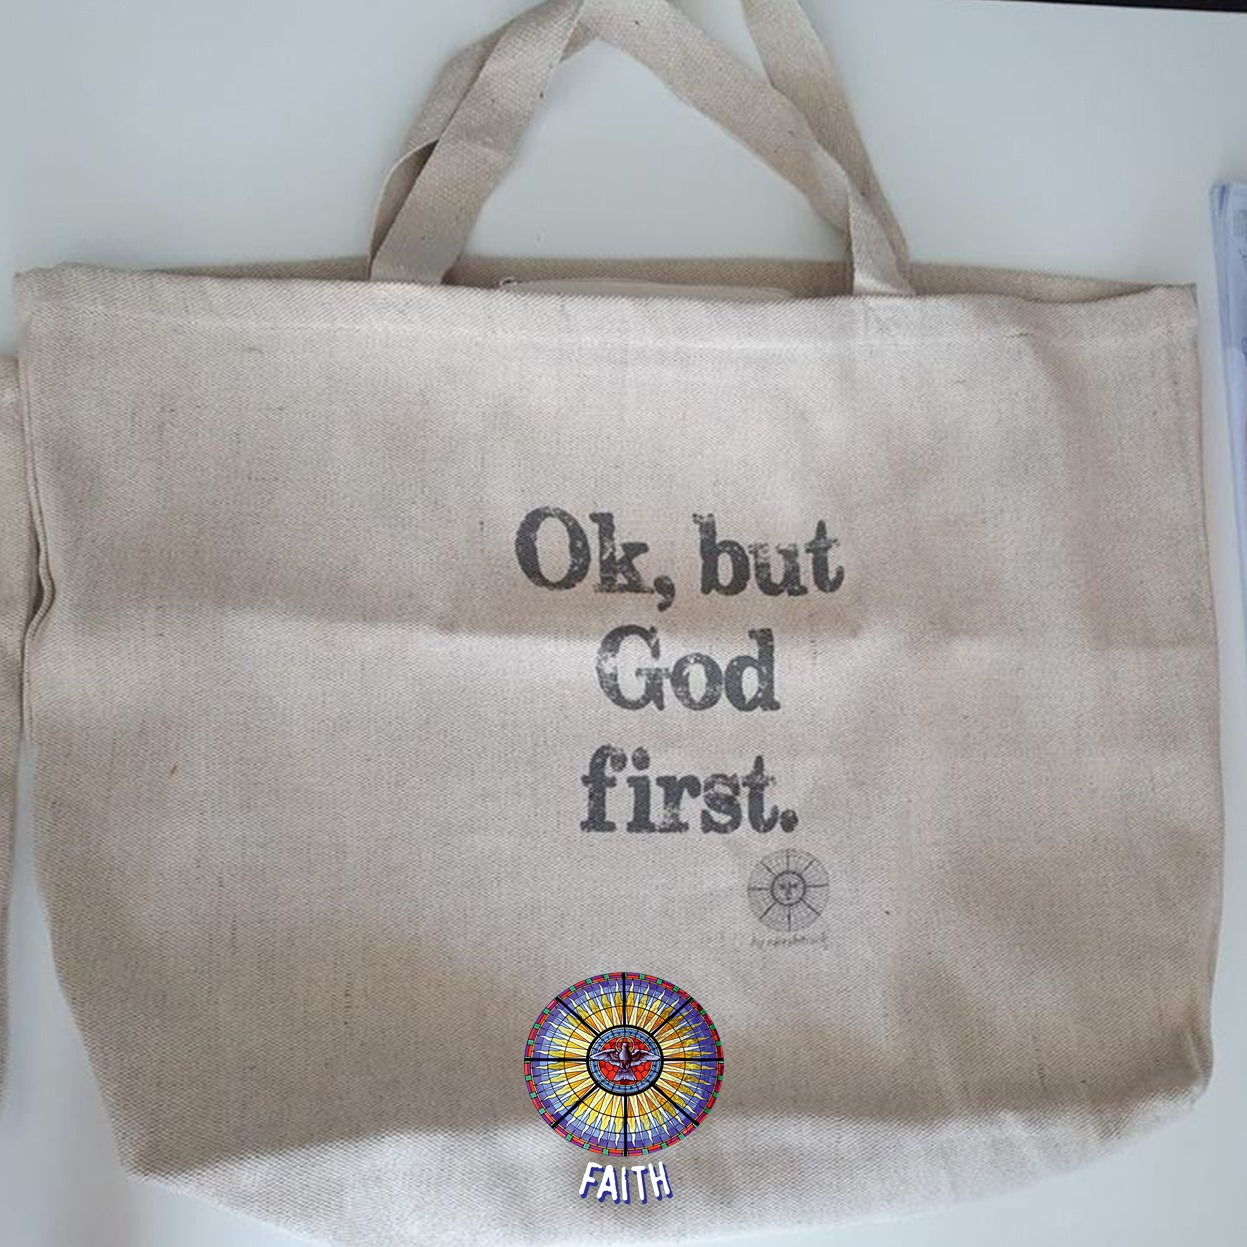 Paersonalizirane torbe